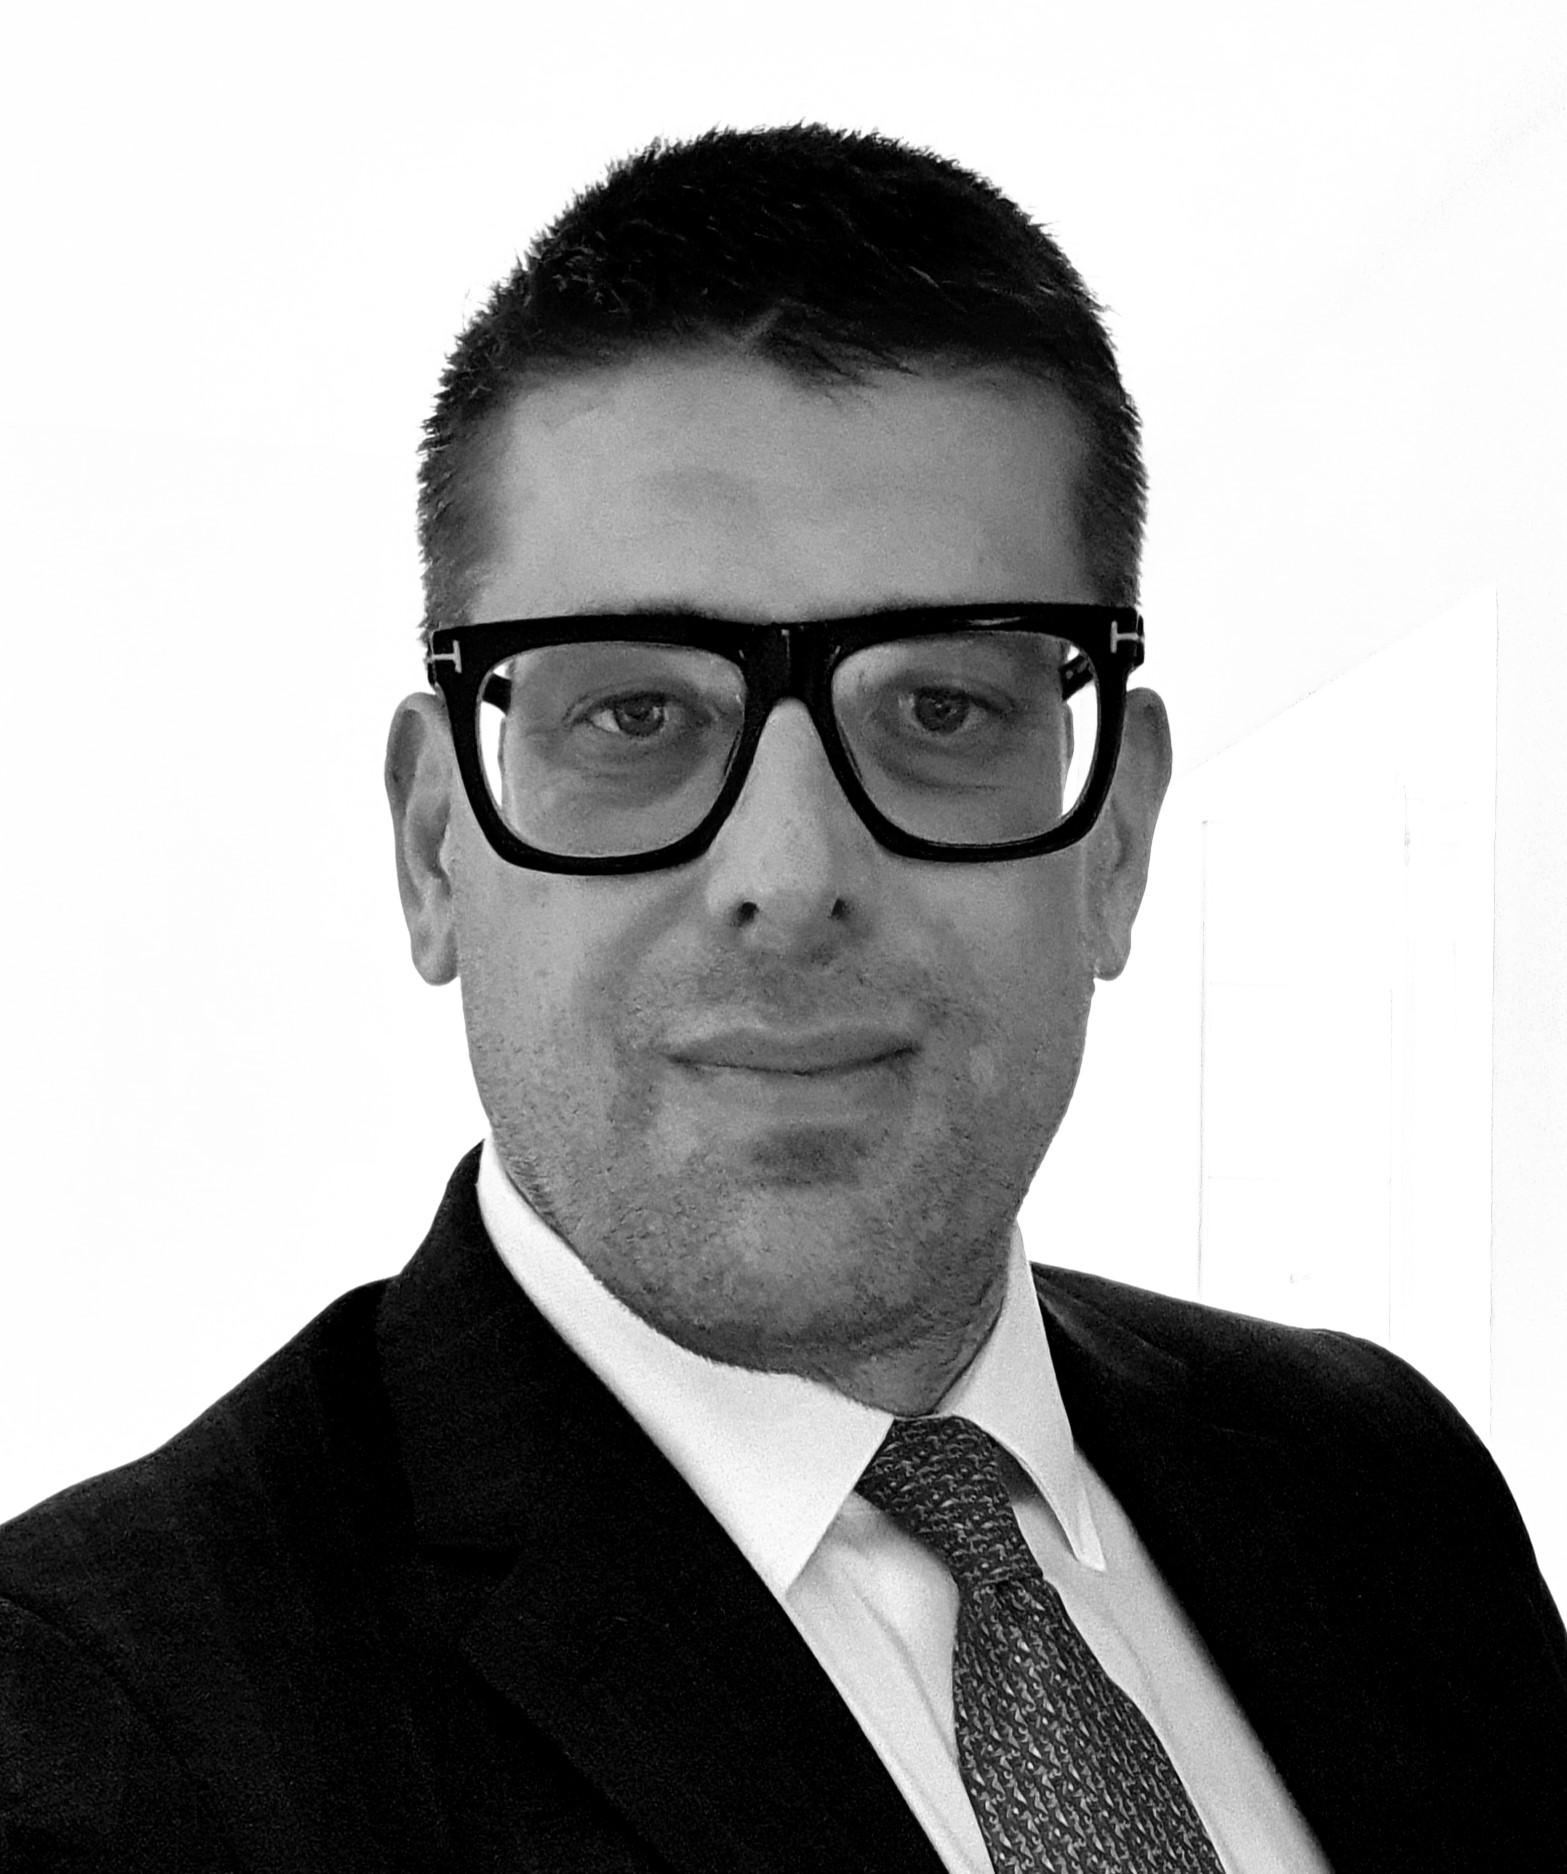 Daniel Behn